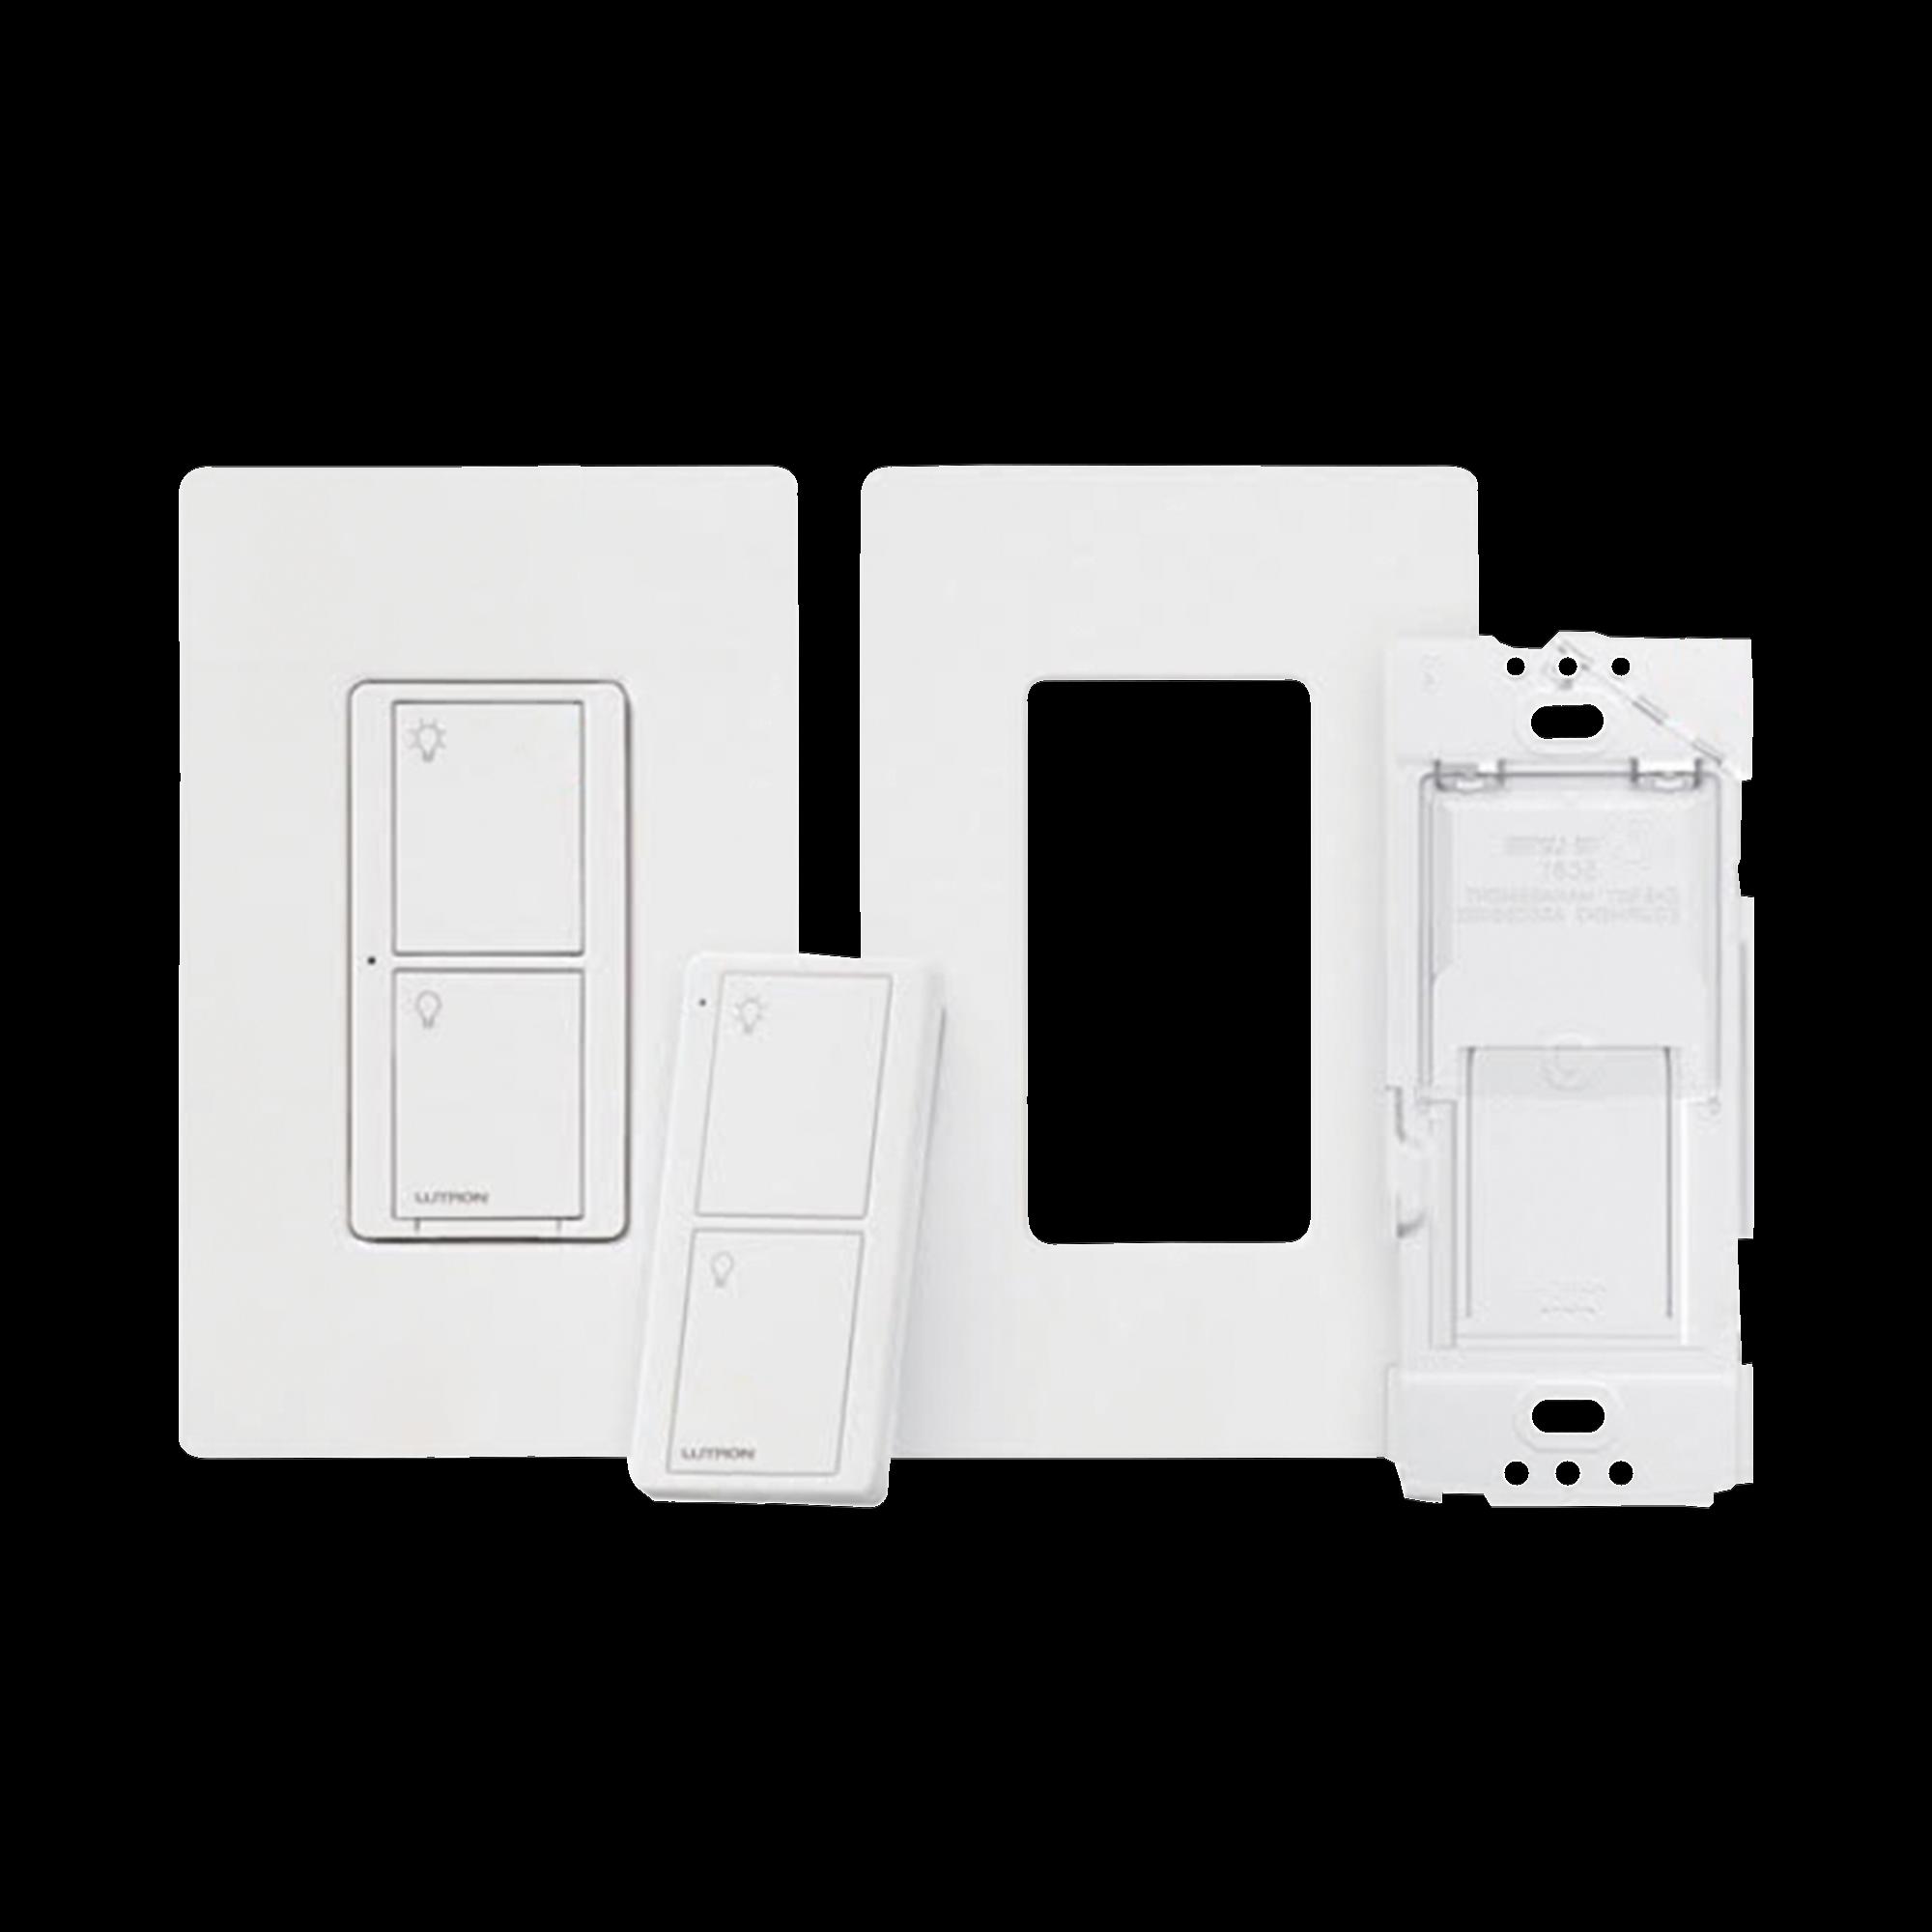 Kit, Apagador, base para empotrar en pared el control remoto PICO, tapa, ideal para el control de iluminación, integrable al HUB de Caseta y su App